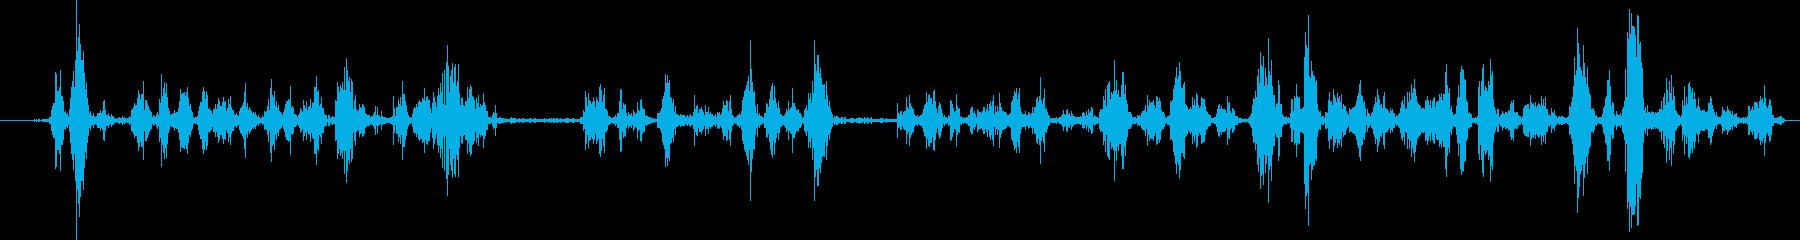 ボールペン:ライティング、ロング、...の再生済みの波形